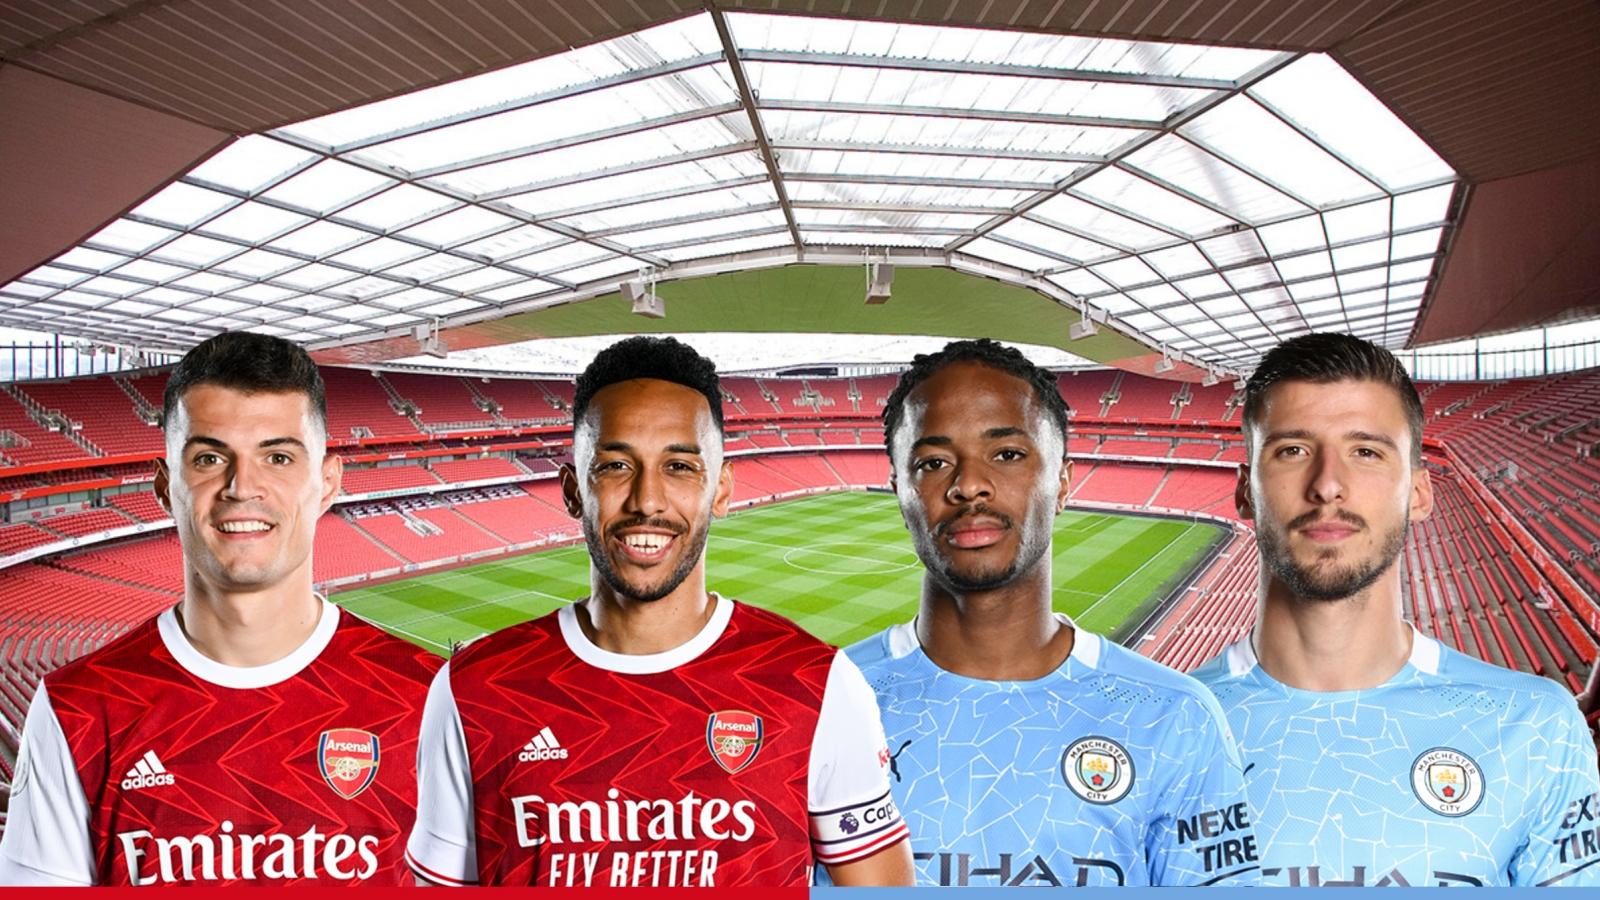 Dự đoán tỷ số, đội hình xuất phát trận Arsenal - Man City